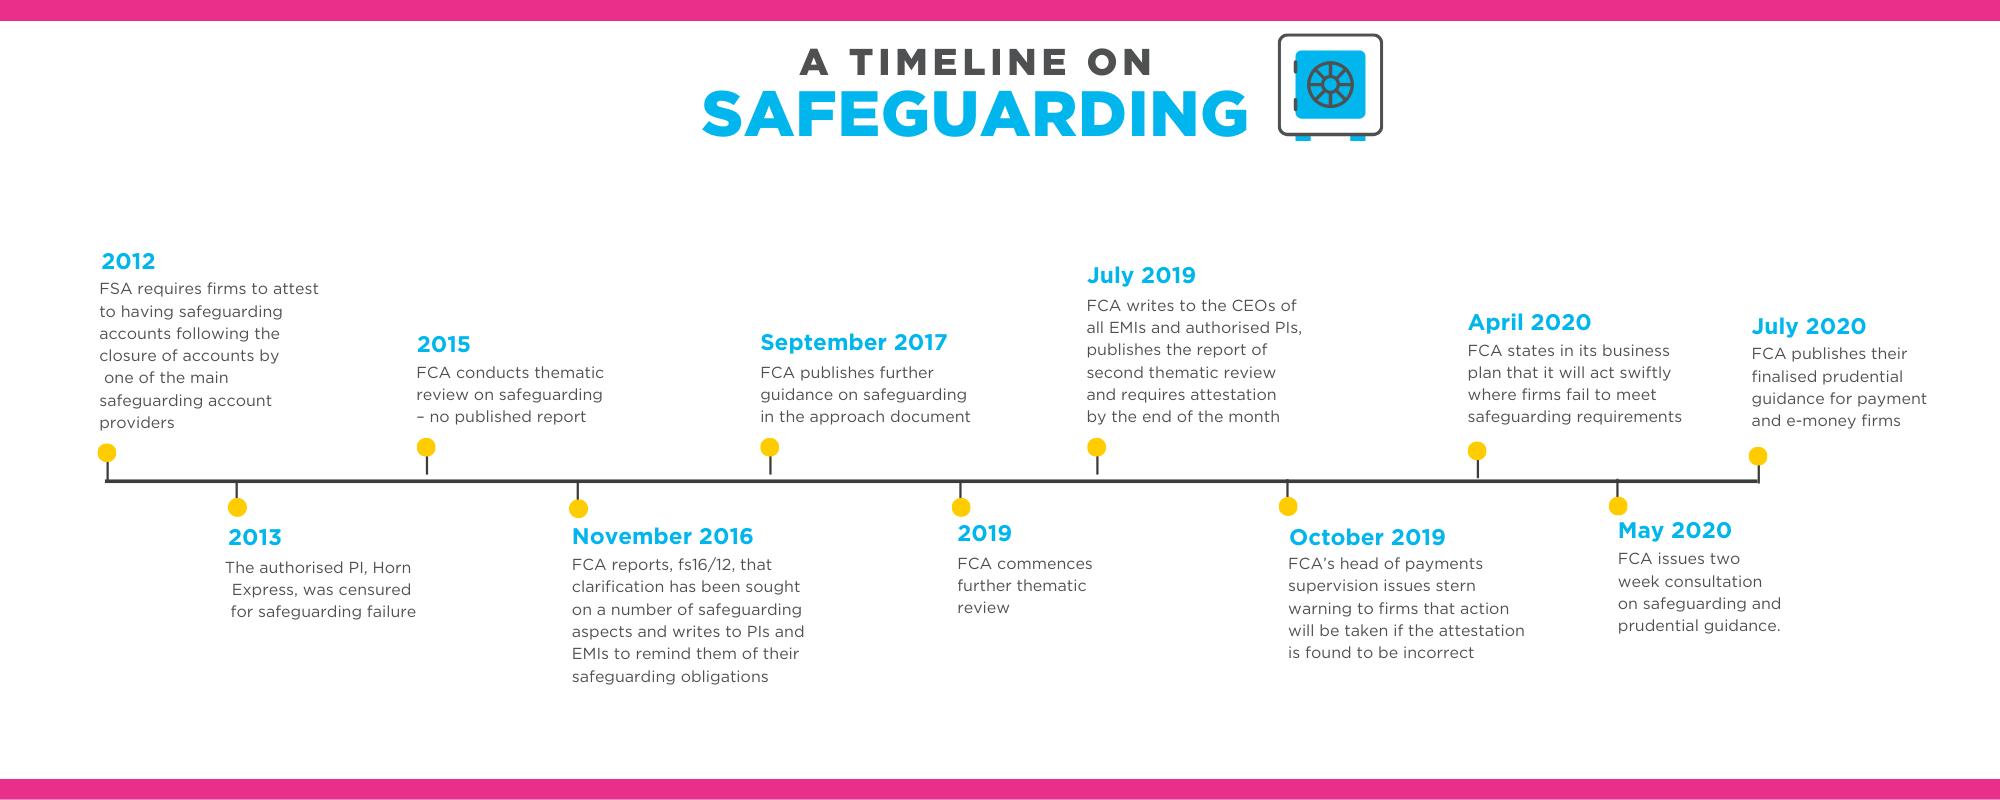 Safeguarding timeline July 2020